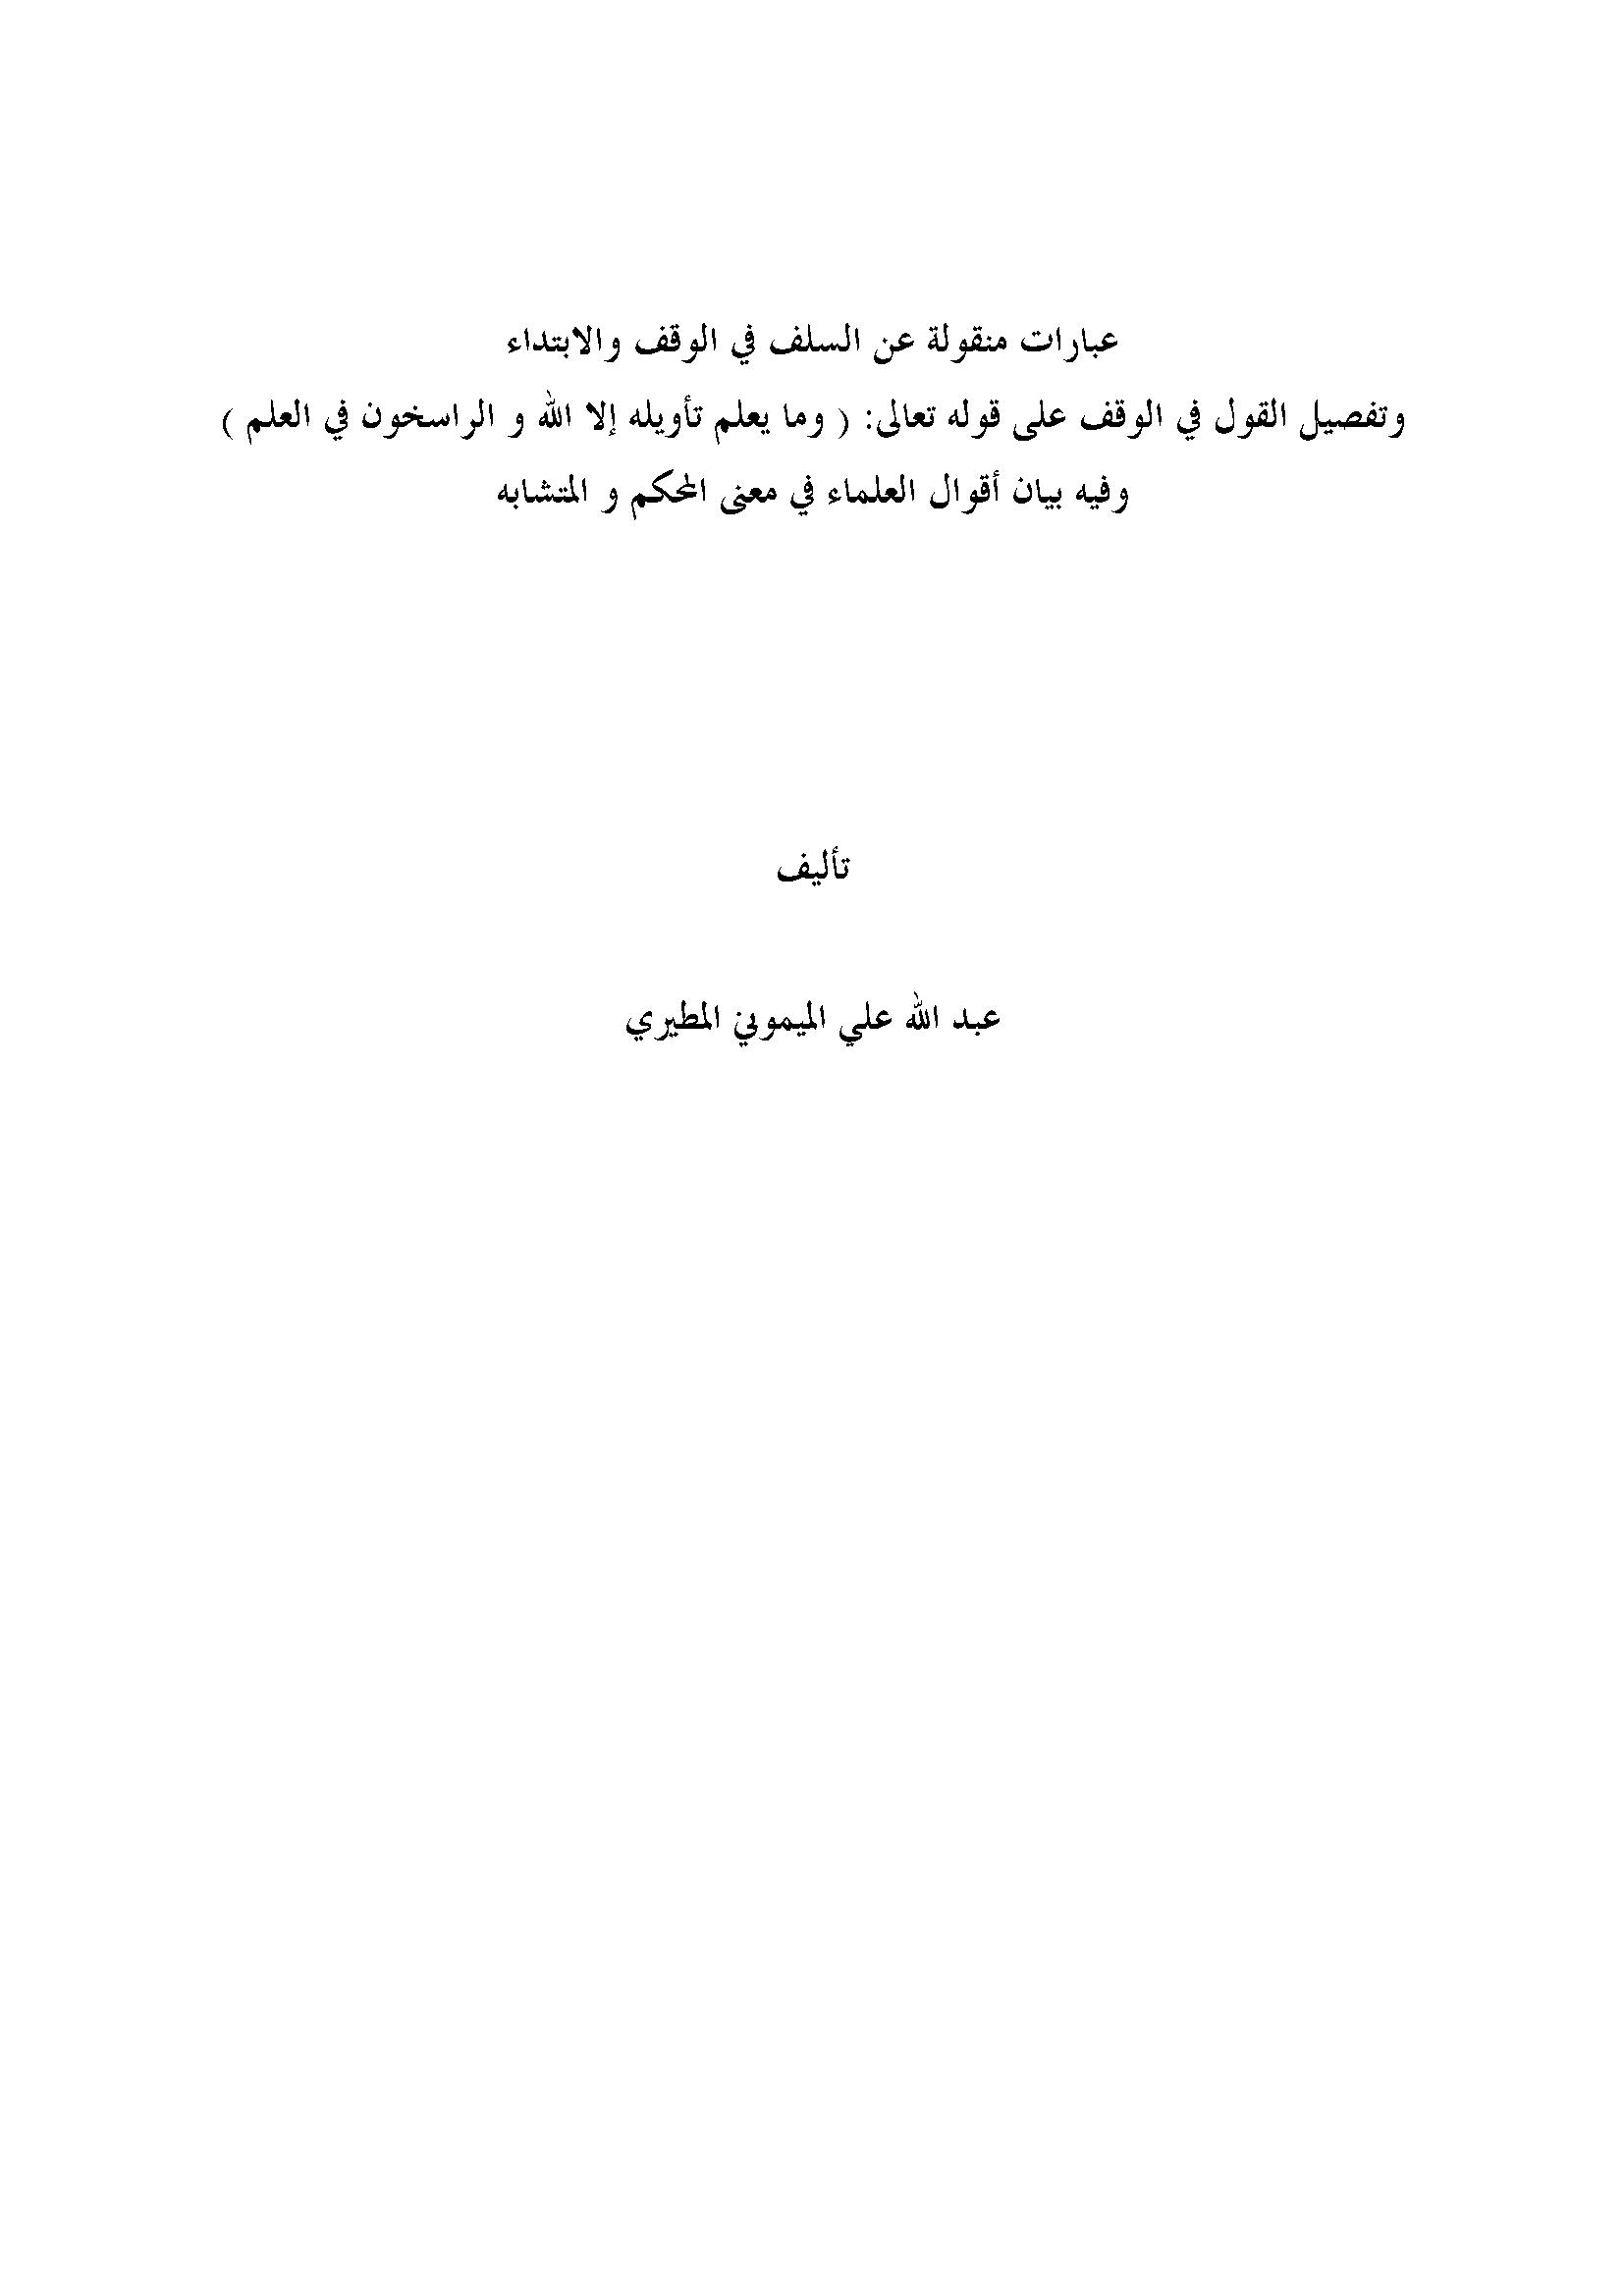 تحميل كتاب عبارات منقولة عن السلف في الوقف والابتداء لـِ: أبو محمد عبد الله بن علي الميموني المطيري